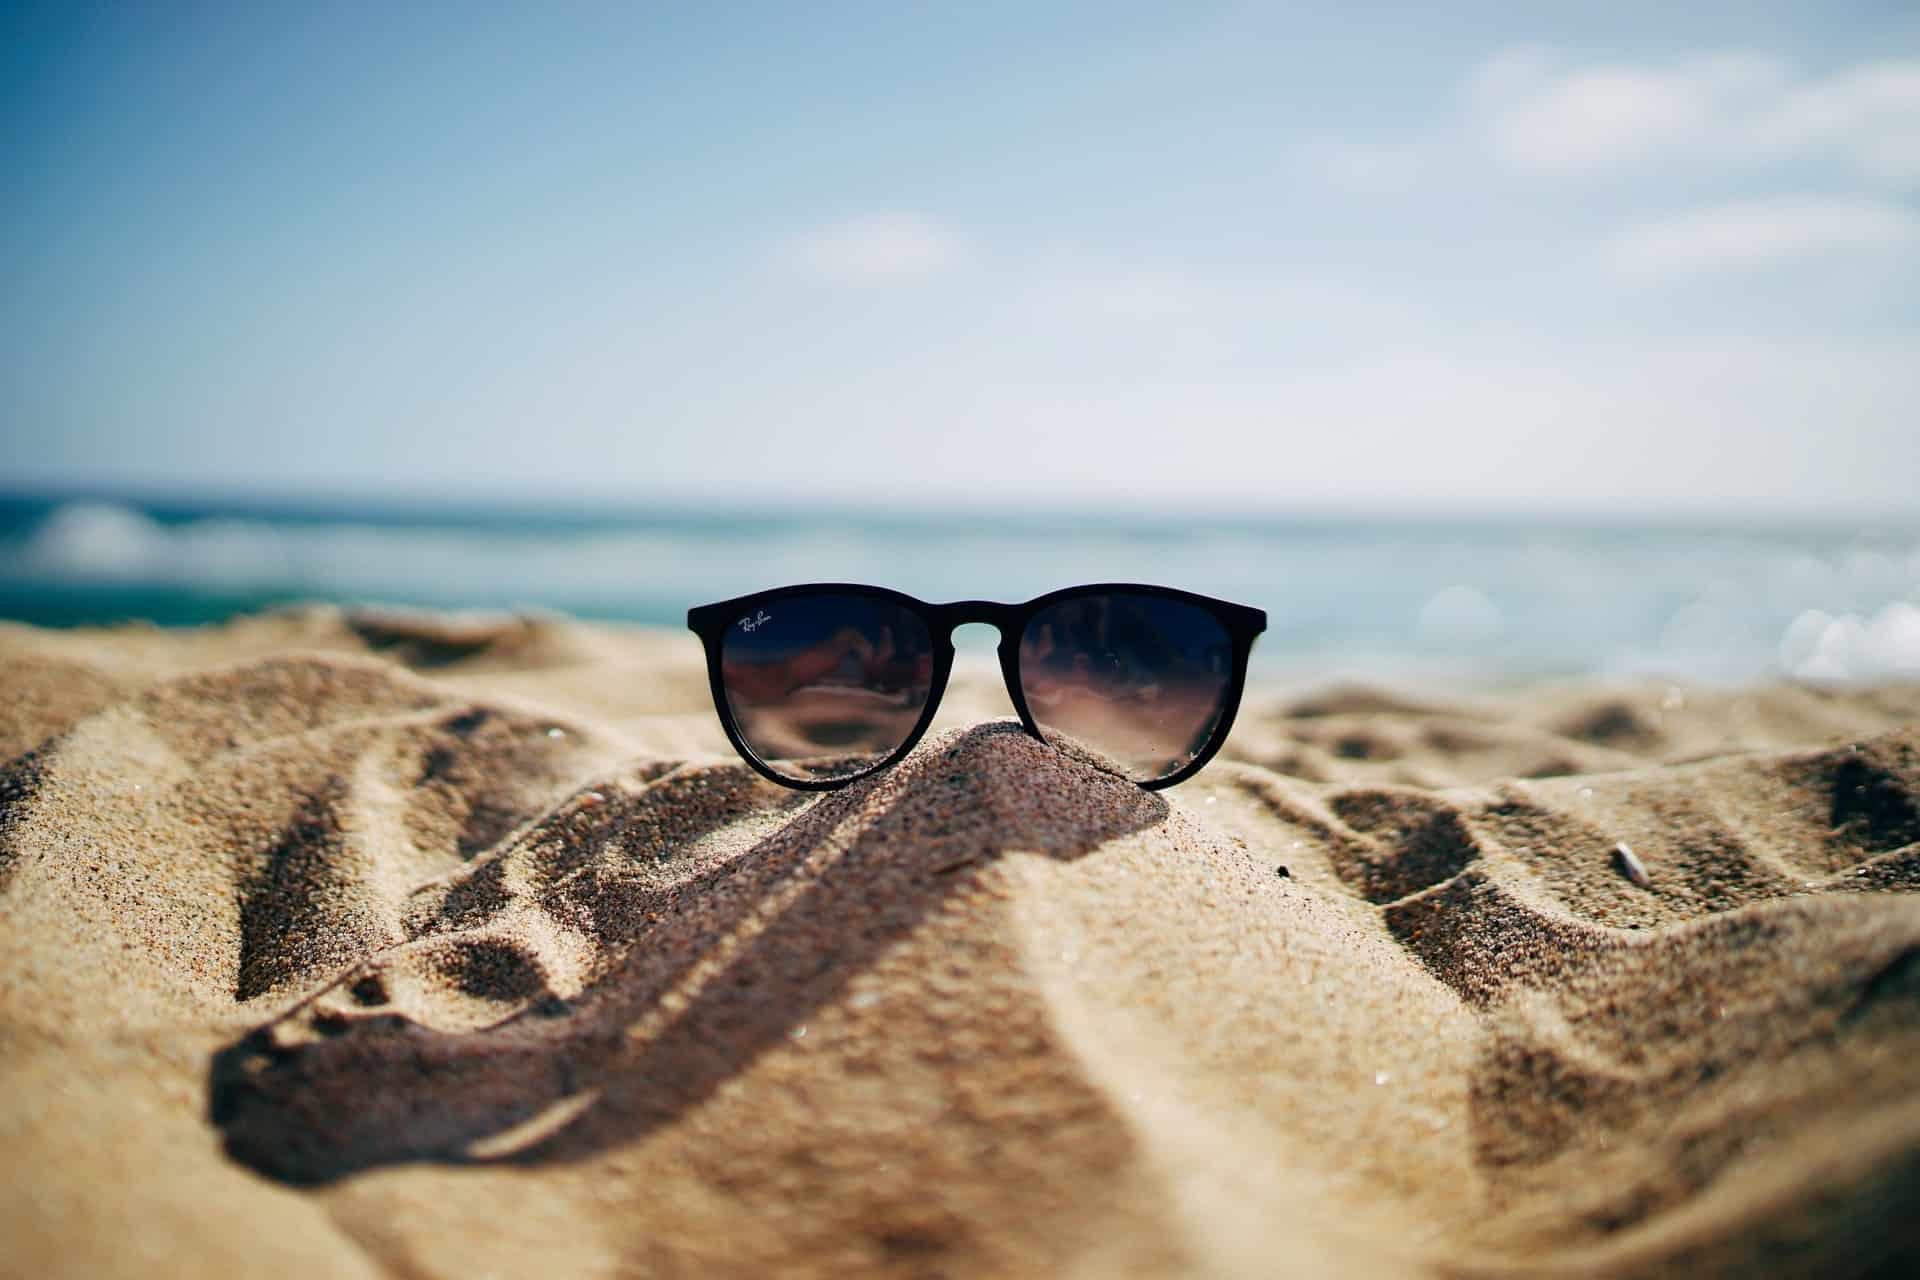 Hottest Accessories Beach Header Image